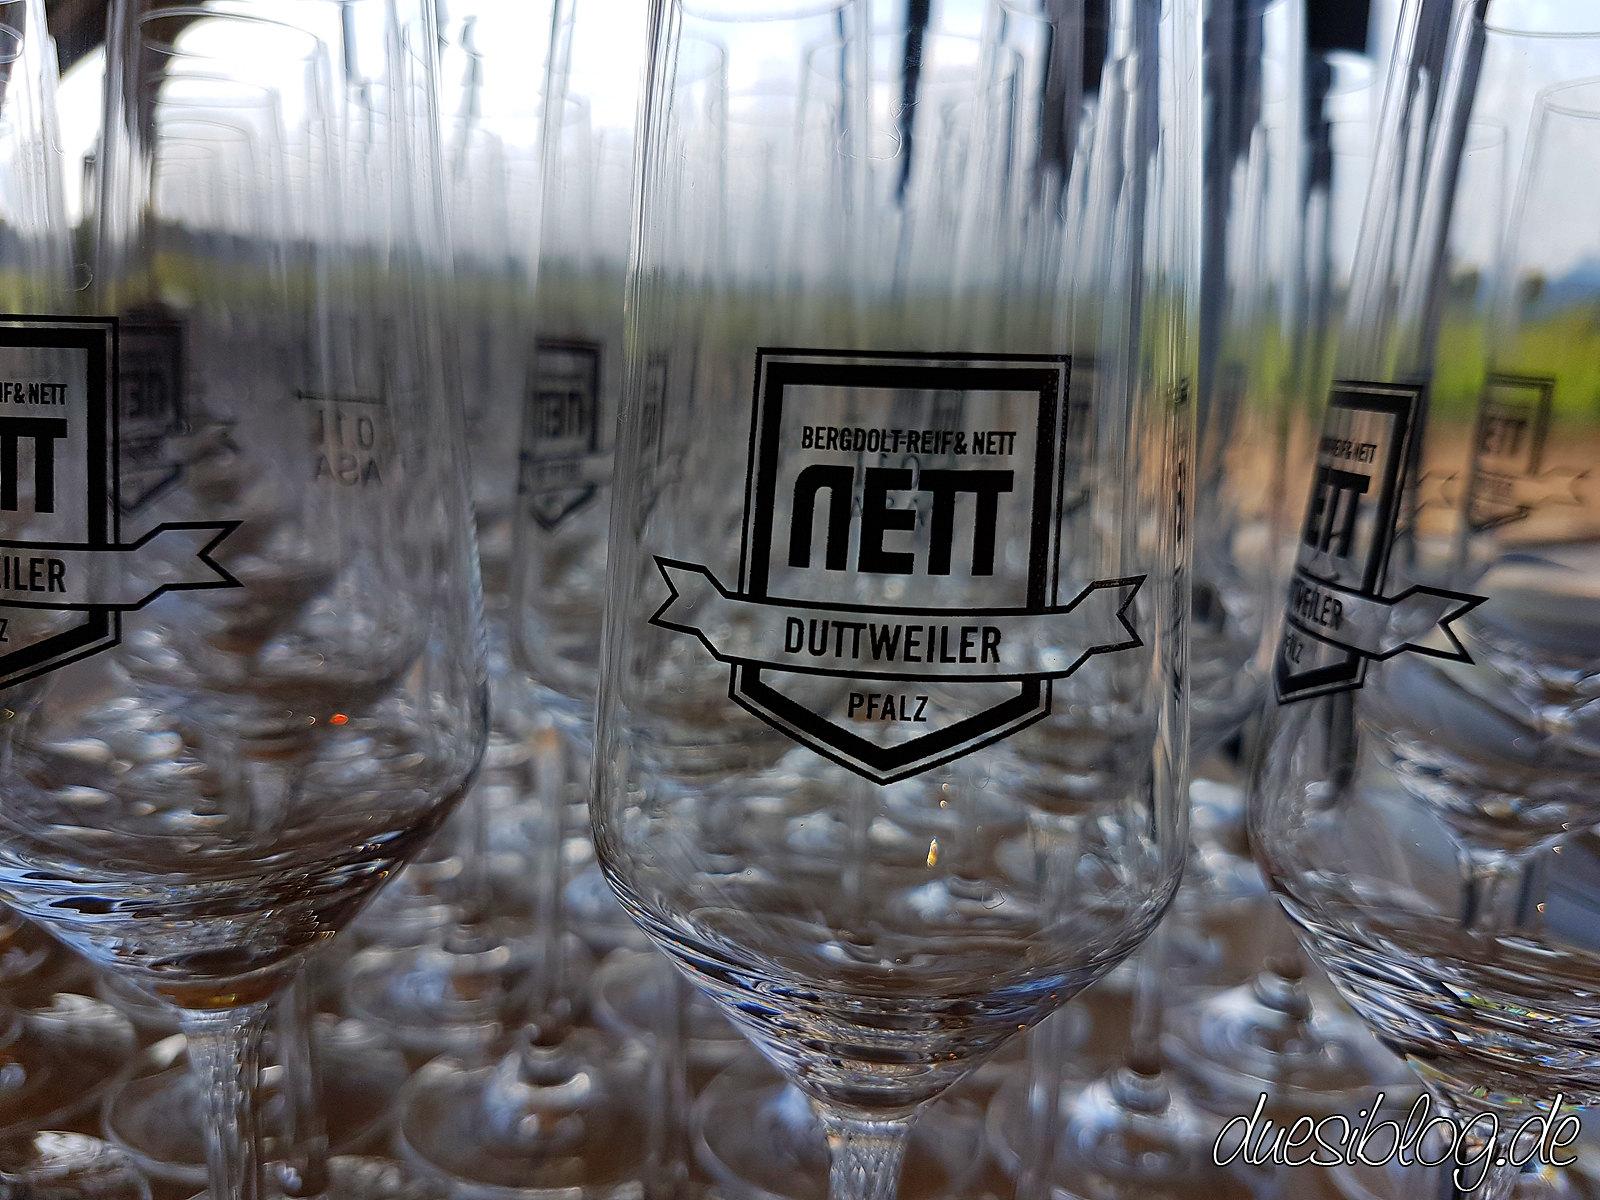 Generation Pfalz Neueroeffnung Weingut NETT duesiblog 05